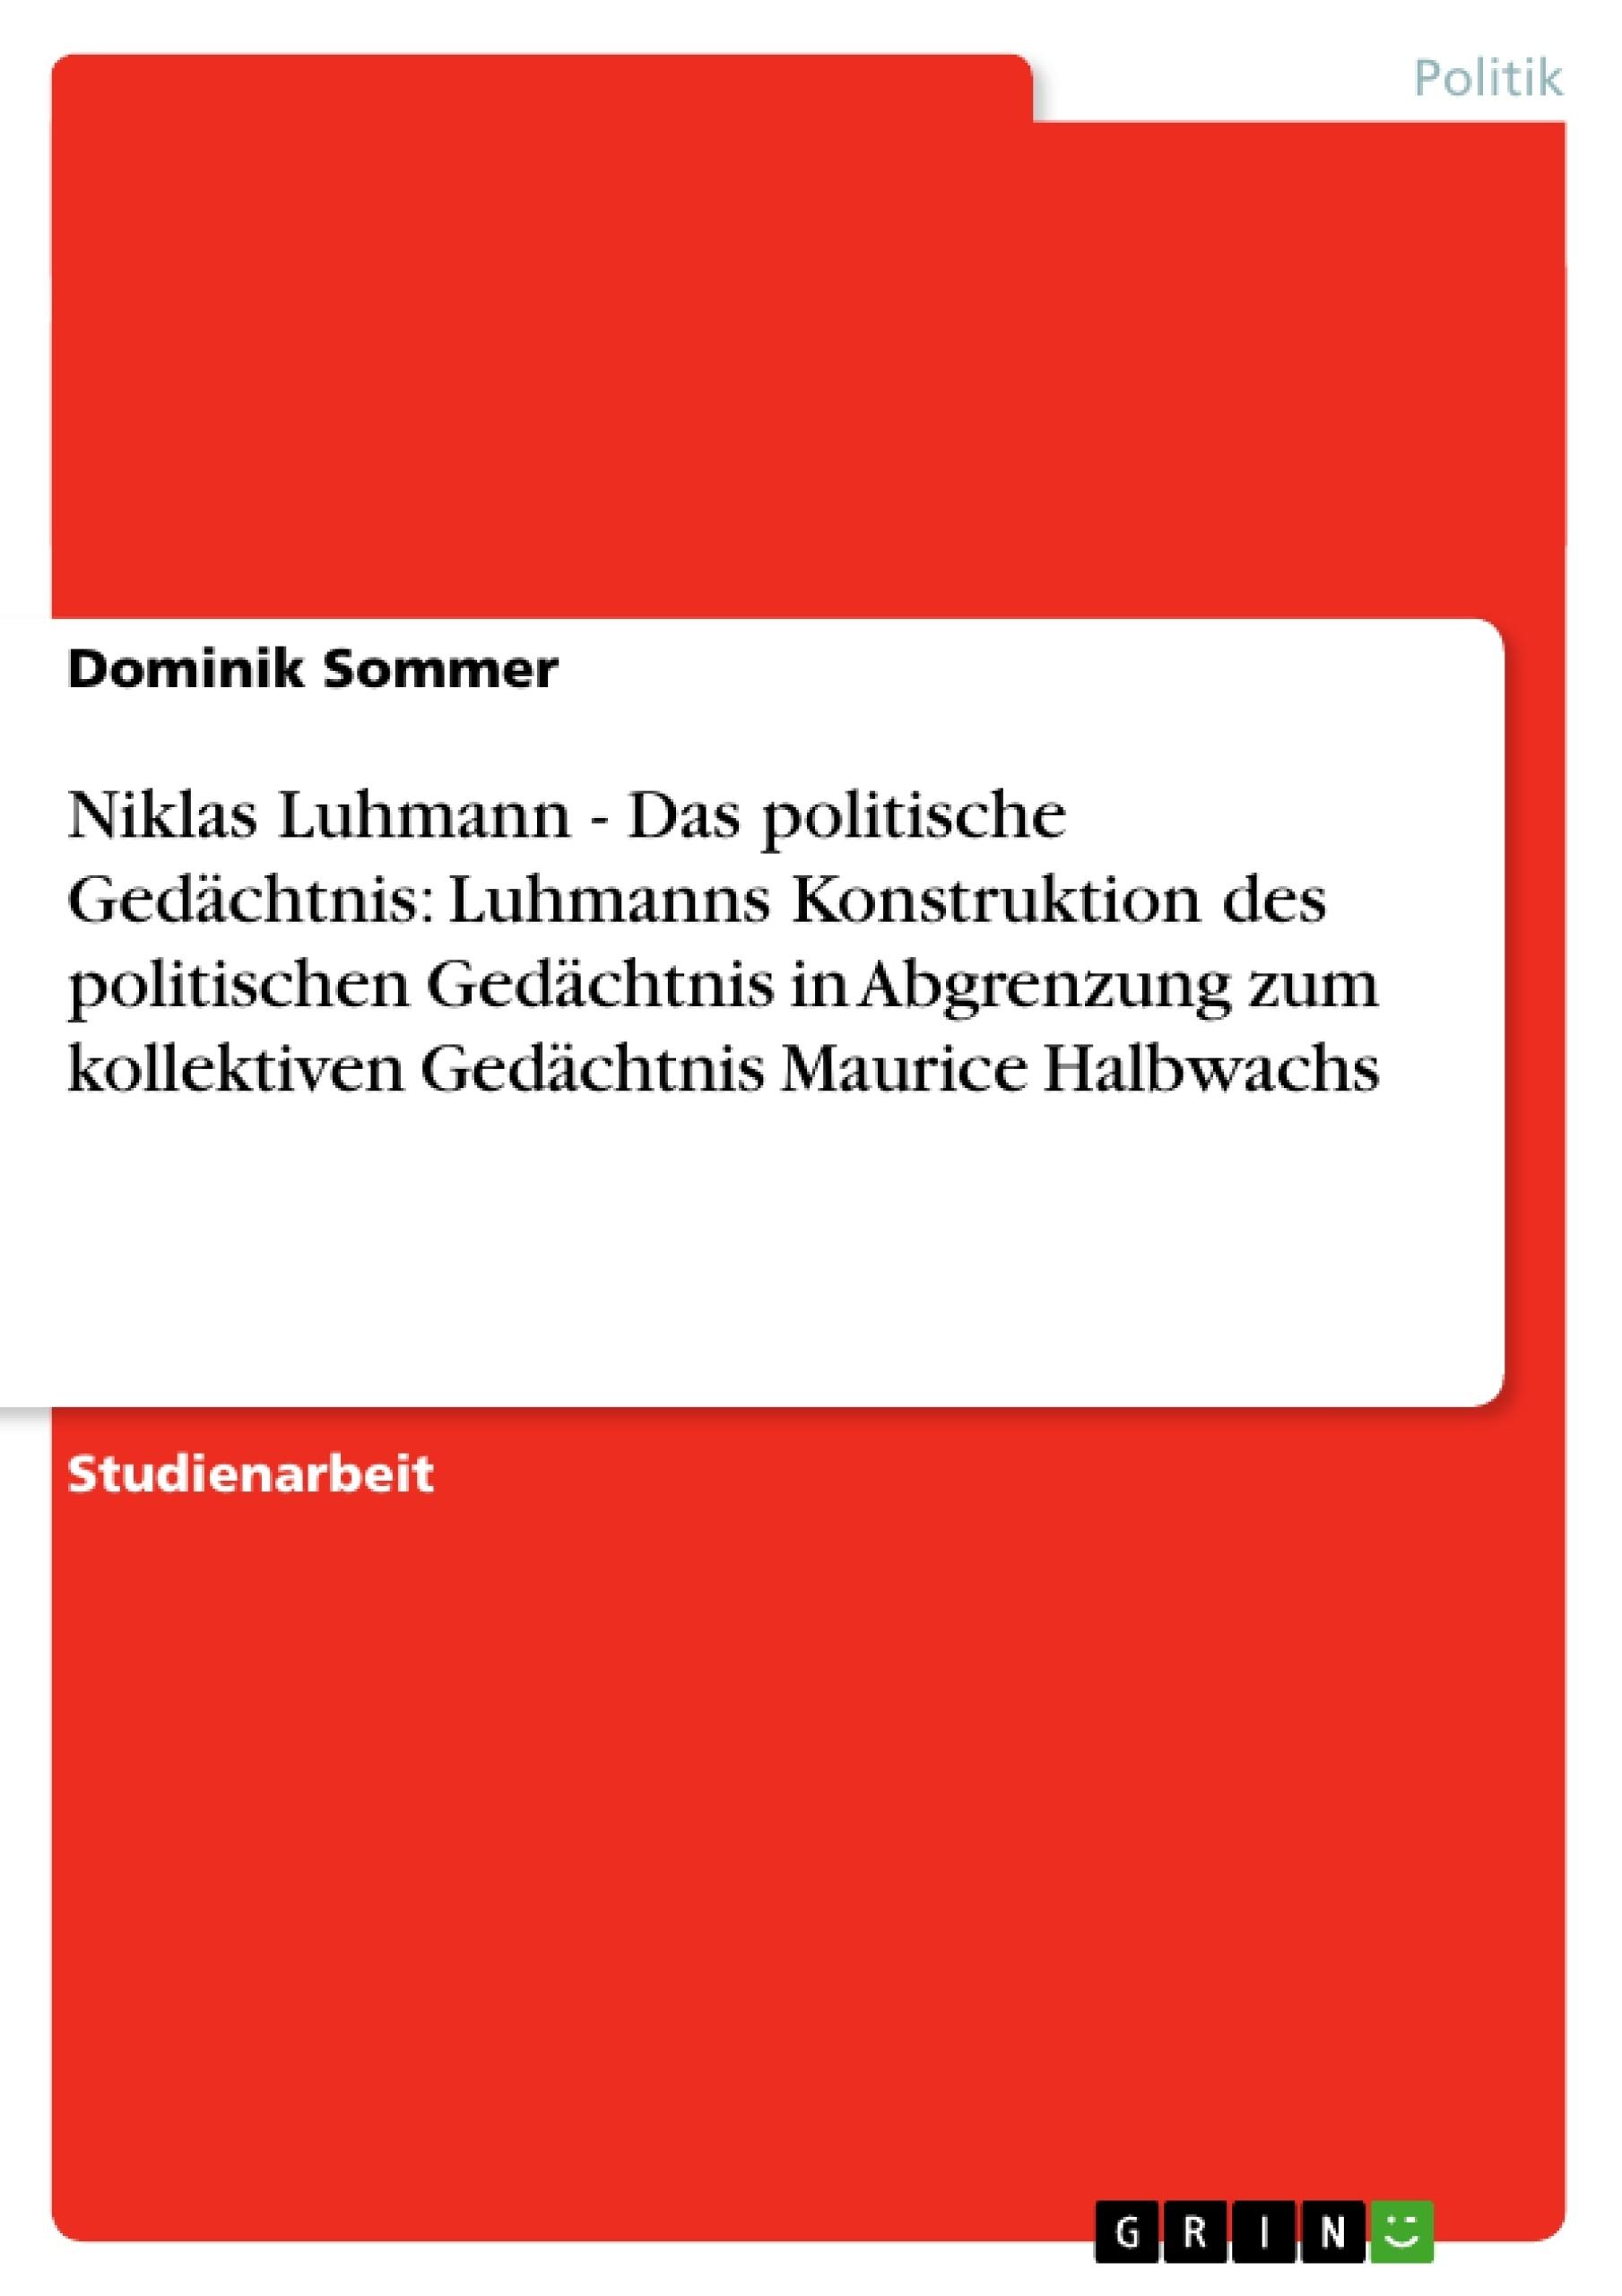 Titel: Niklas Luhmann - Das politische Gedächtnis: Luhmanns Konstruktion des politischen Gedächtnis in Abgrenzung zum kollektiven Gedächtnis Maurice Halbwachs